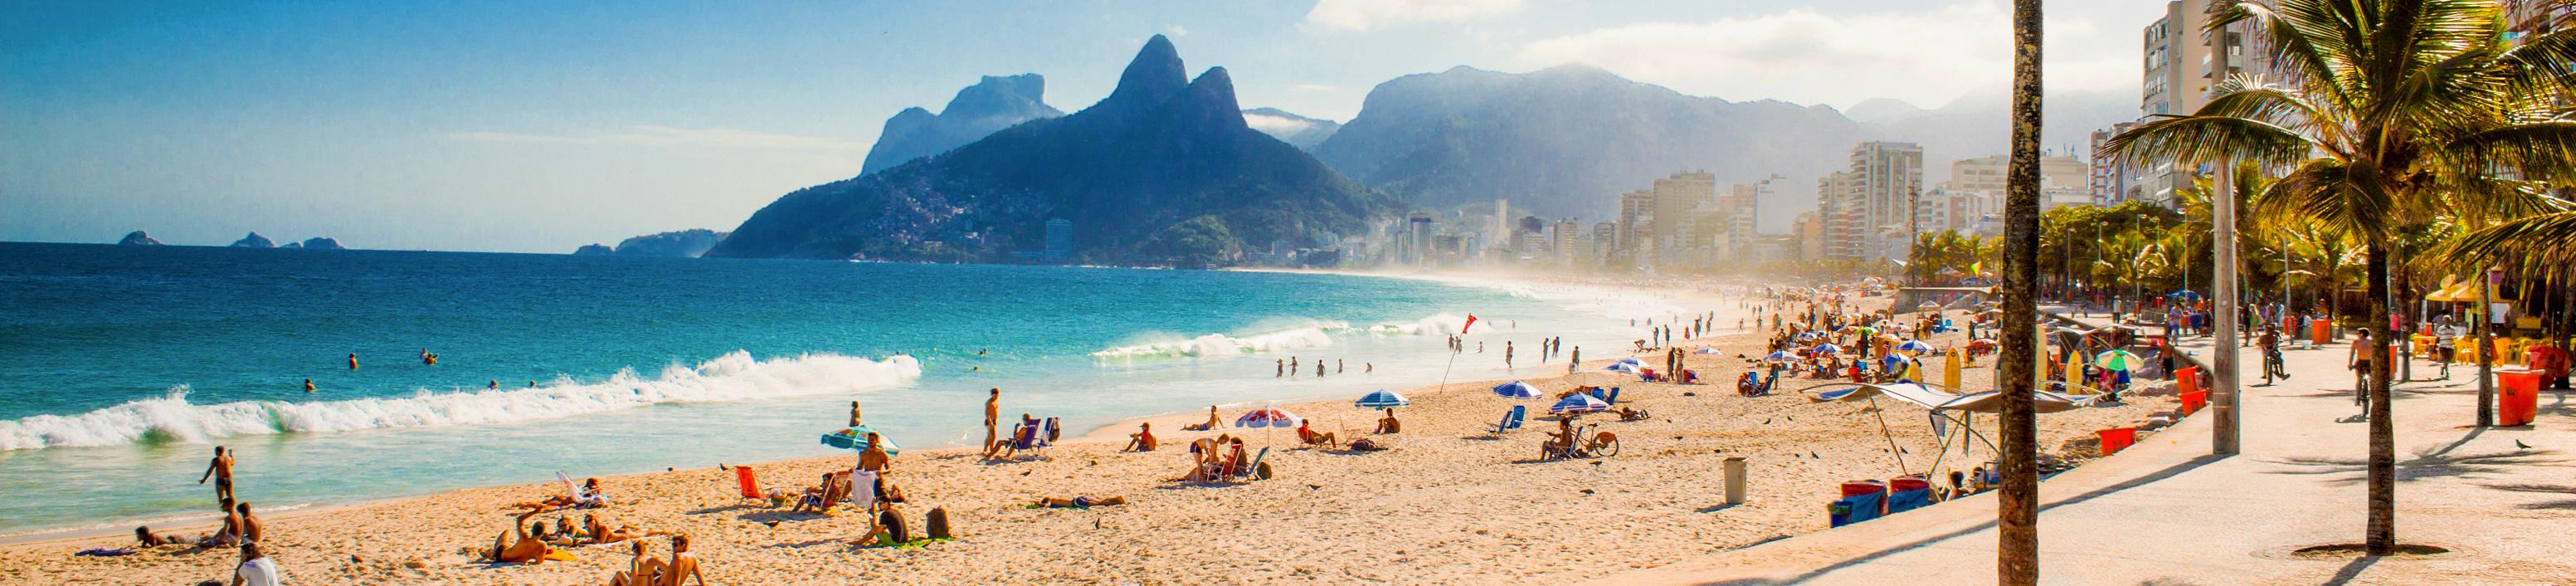 Aller au Brésil pas cher